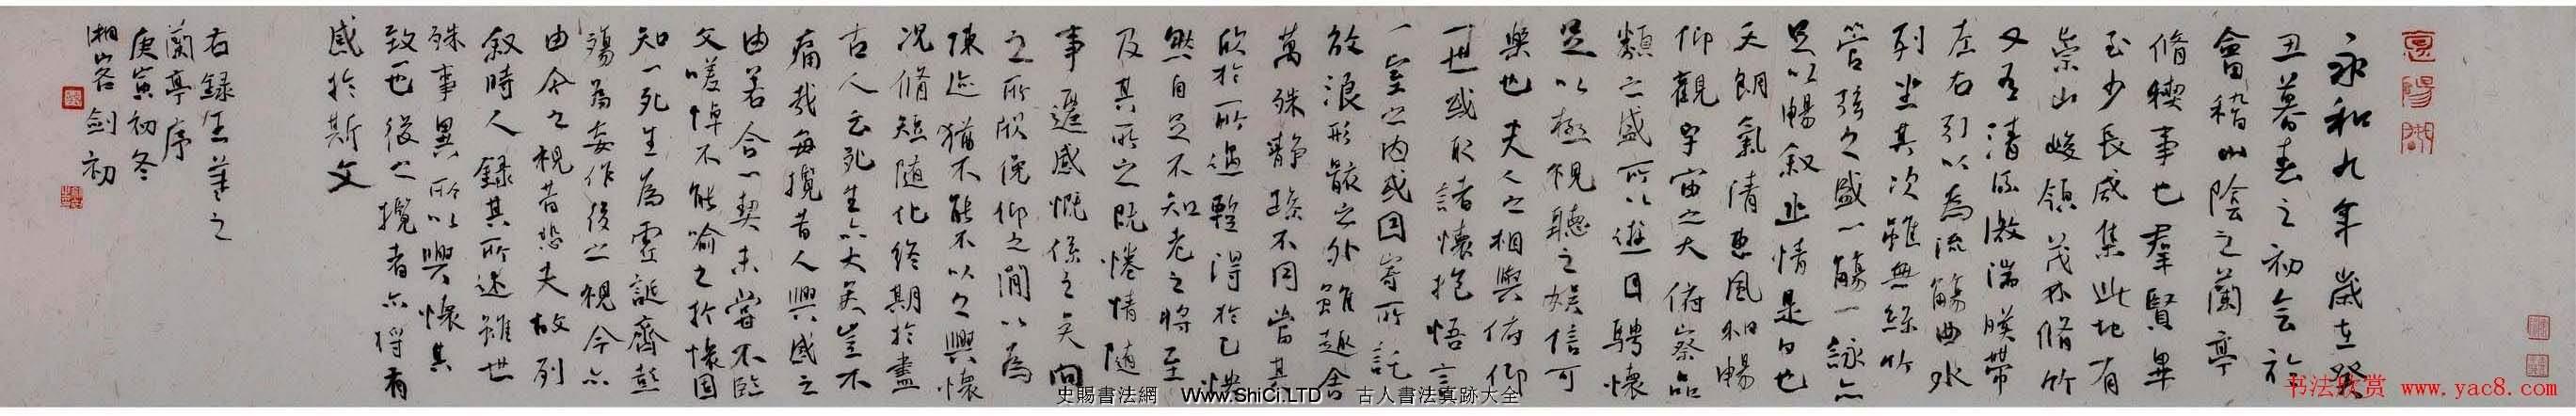 周劍初臨蘭亭序書法作品真跡三幅(共5張圖片)